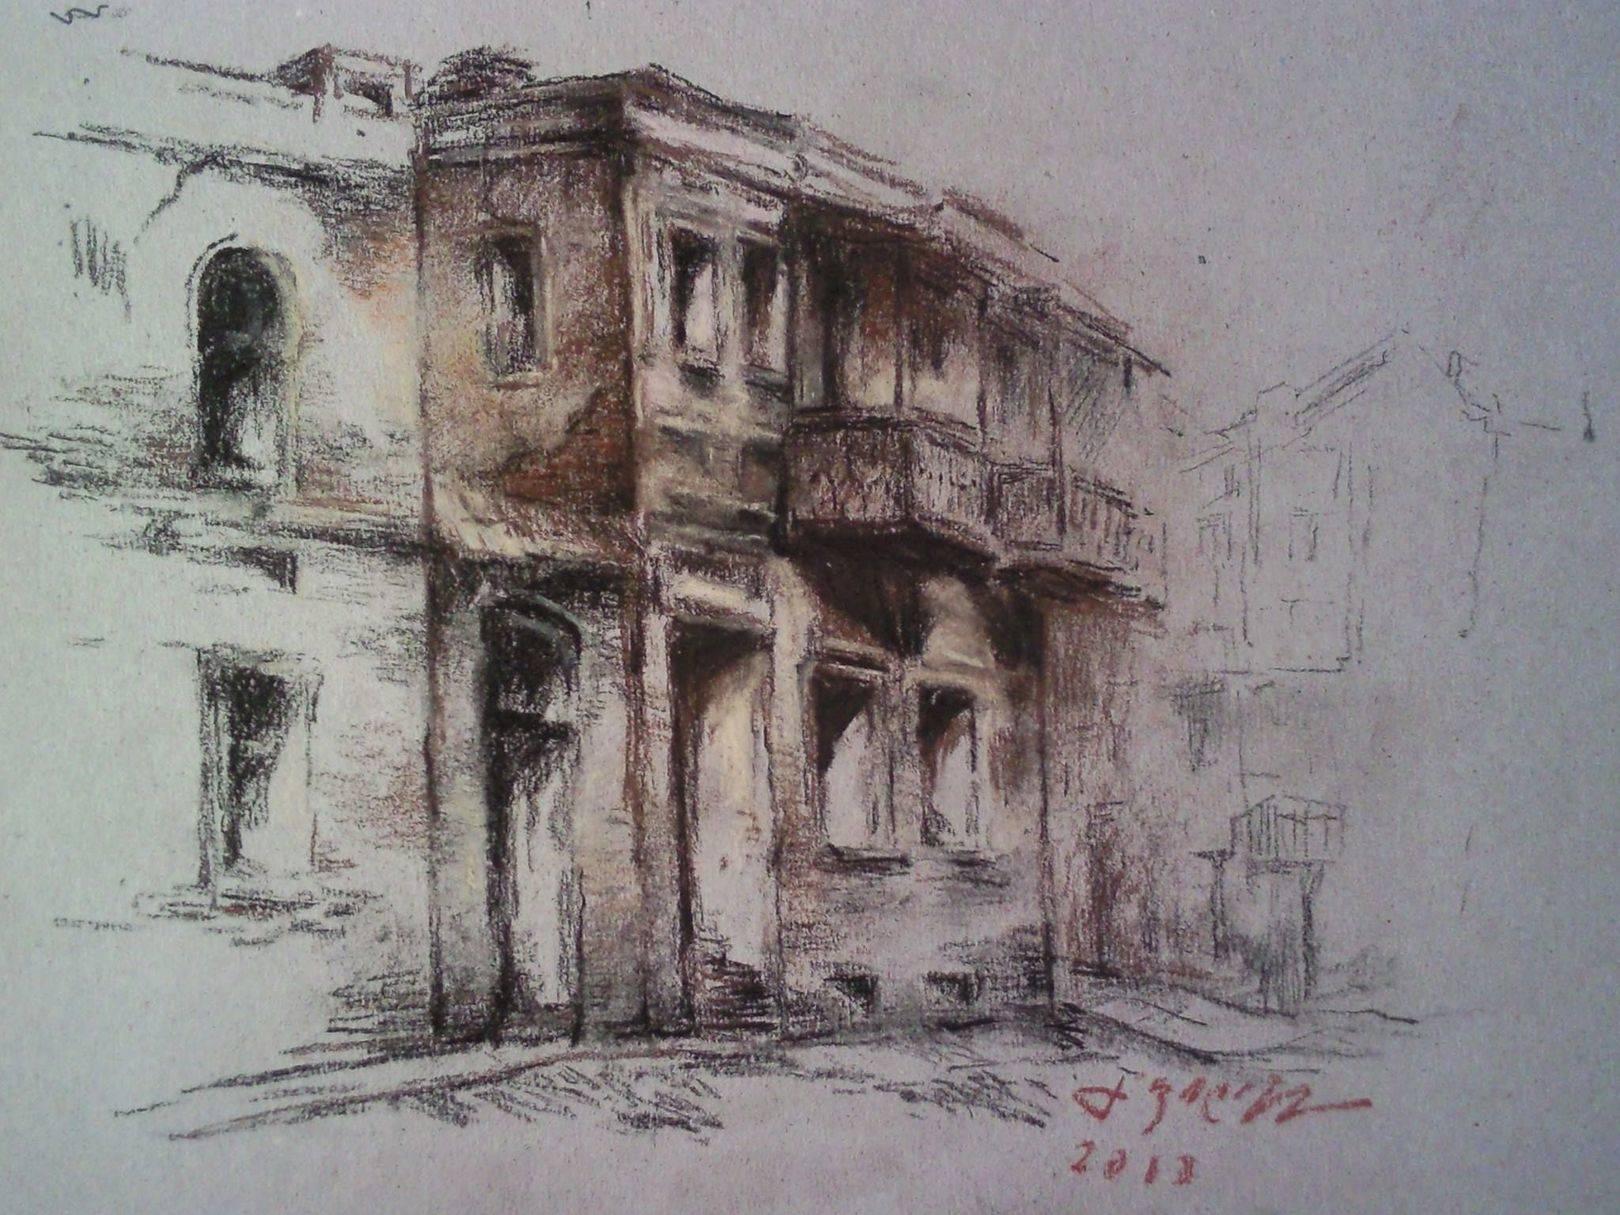 «На улице Плеханова»      бумага, пастель «On the Plekhanov street»  paper, pastel 17x23, 2013